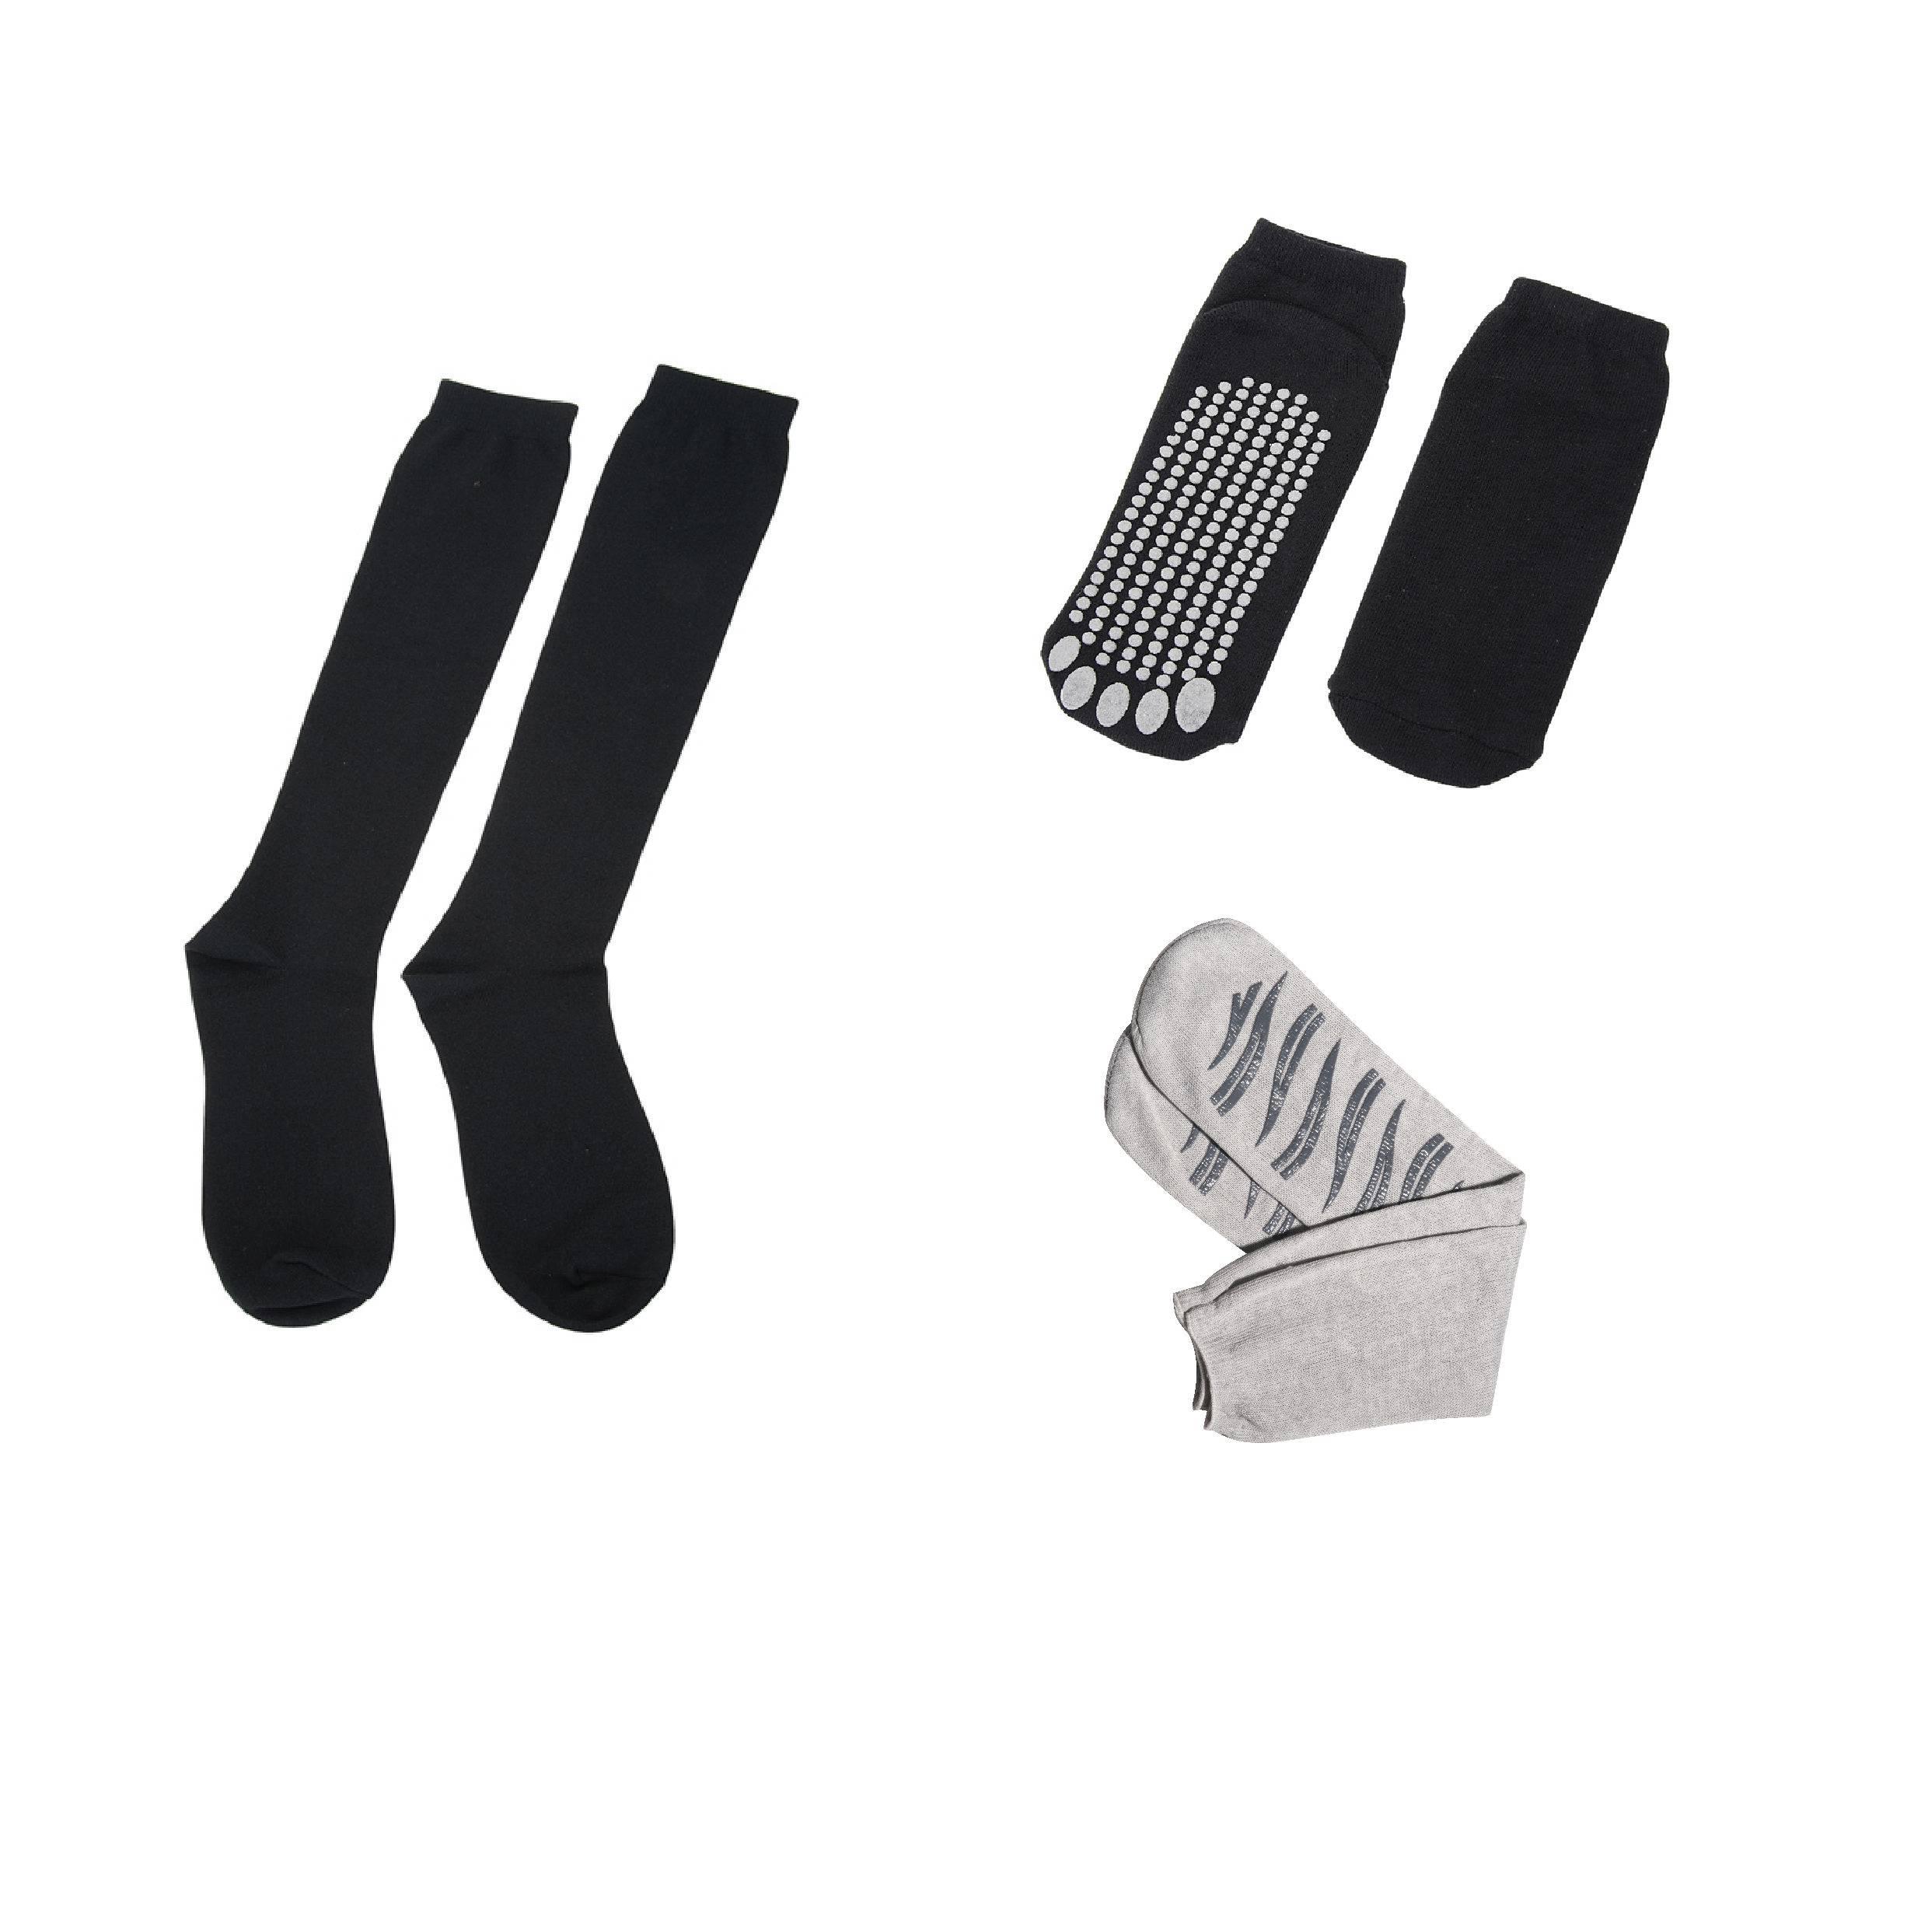 DVT Flight socks refexlogy flight sock